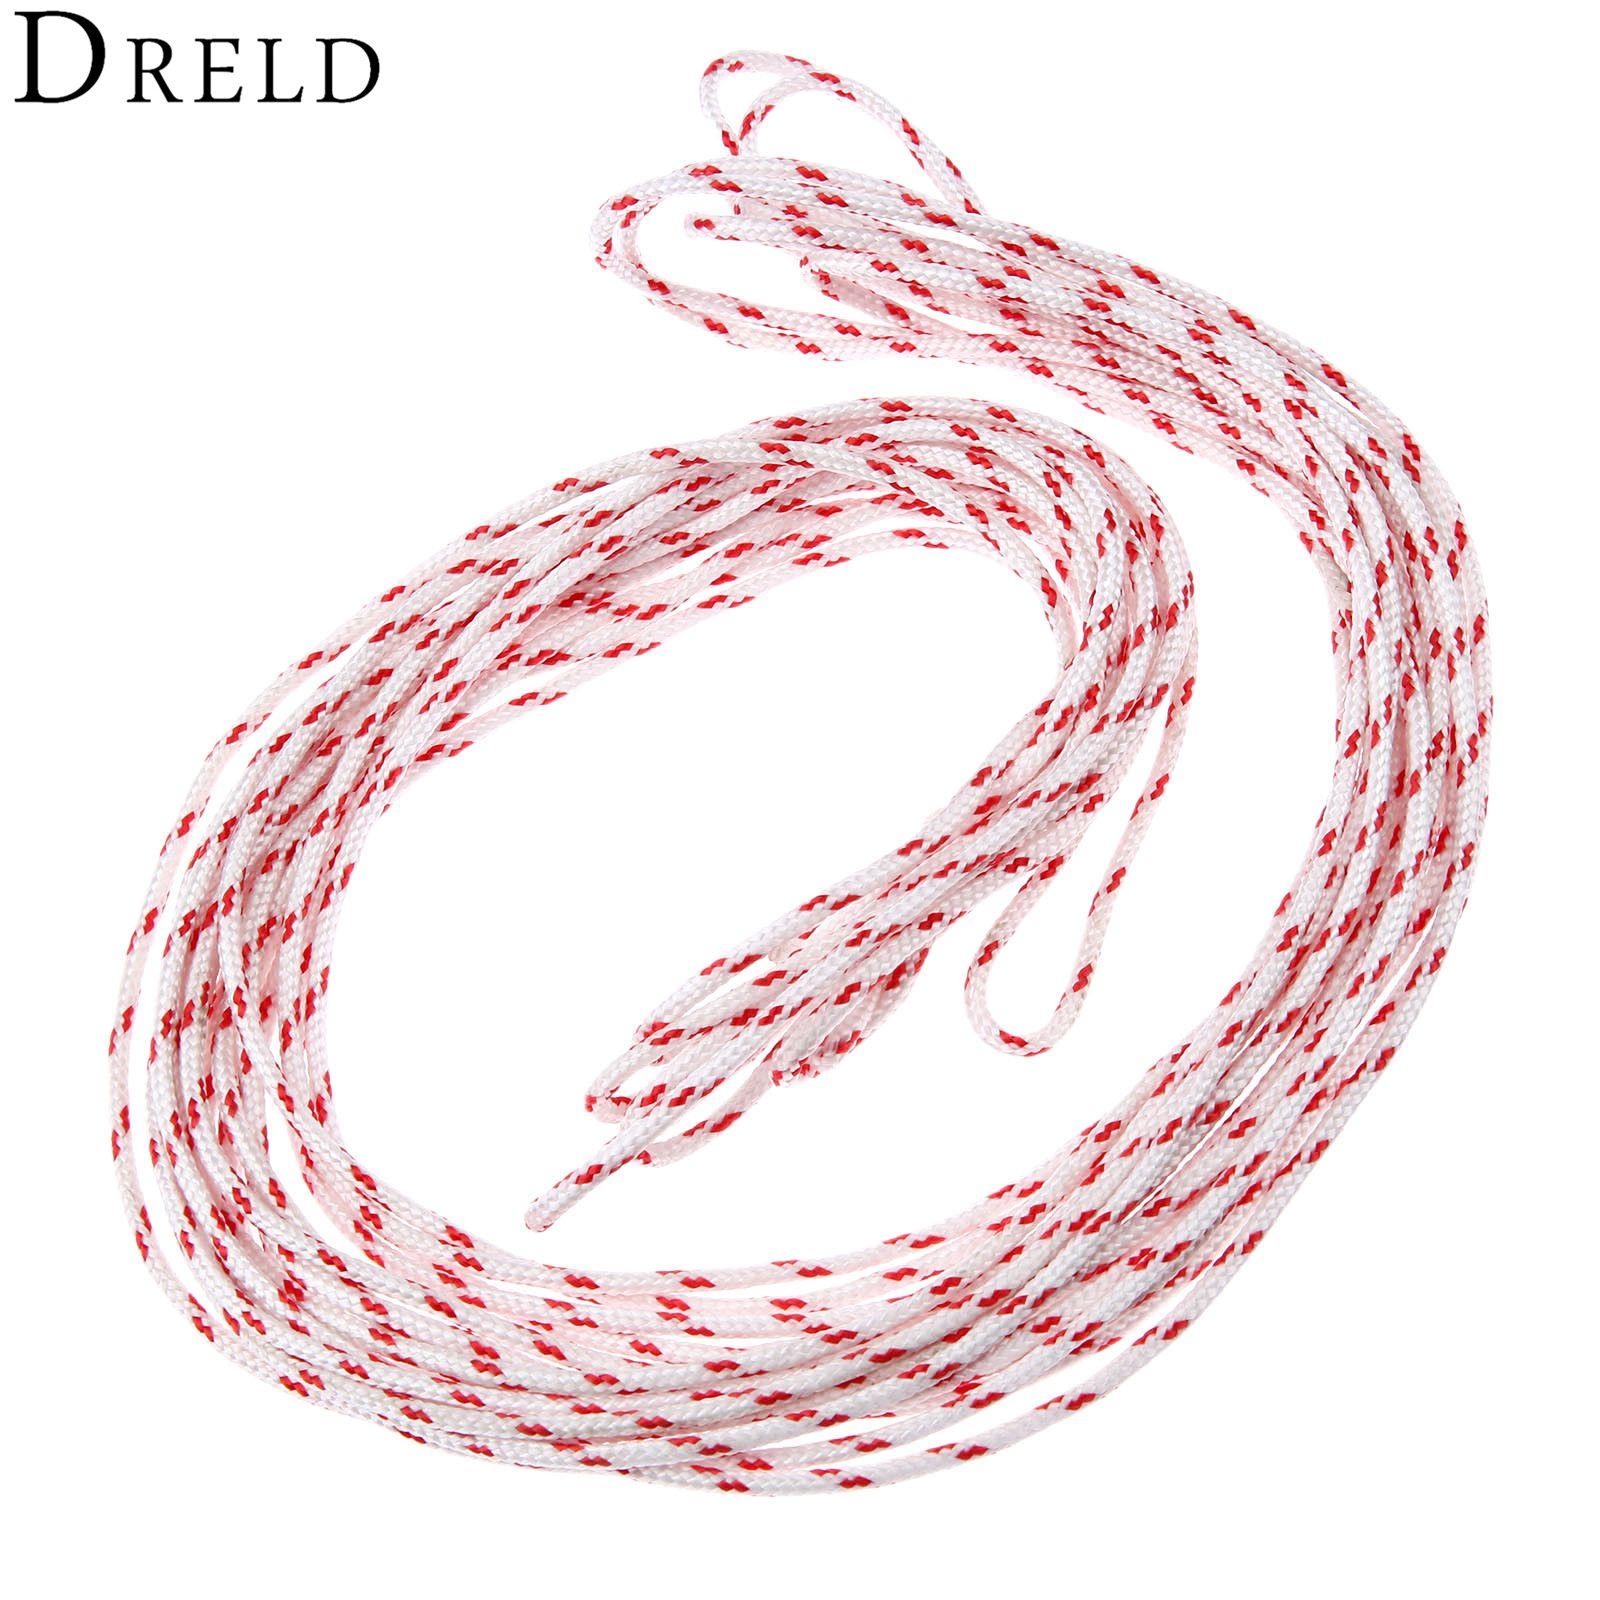 DRELD 10m Starter Pull Cord Rope For STIHL Chainsaw 017 018 019t 021 Ms170 Ms180 Ms181 Ms210 Ms230 Ms250 Chainsaw Trimmers